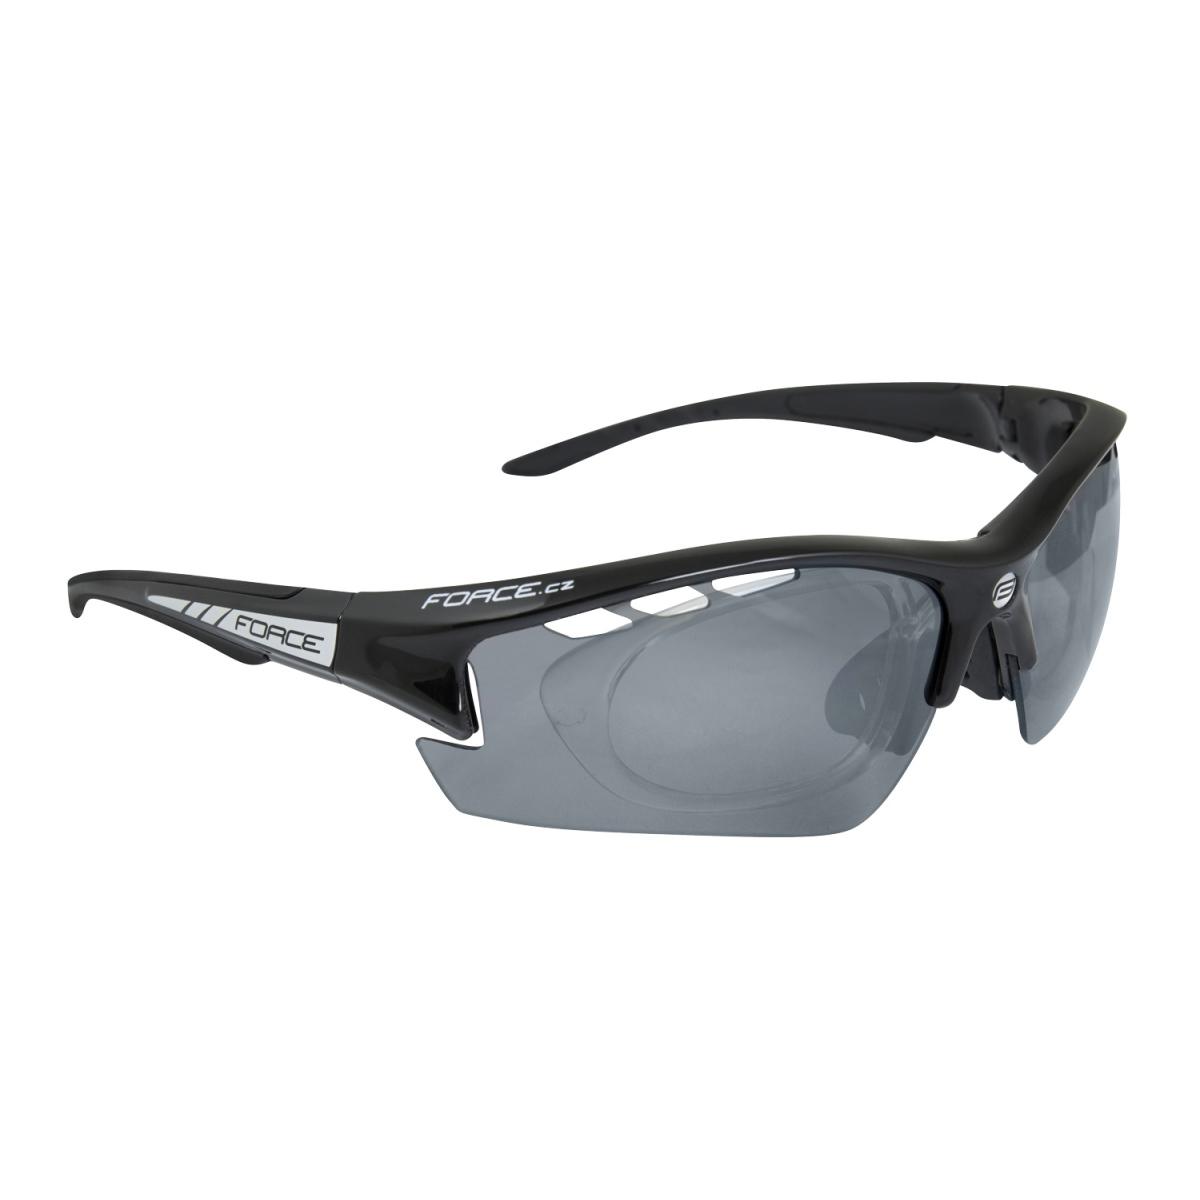 Brýle FORCE RIDE PRO černé, diop. klip, černá laser skla (Sportovní brýle s dioptrickým klipem )